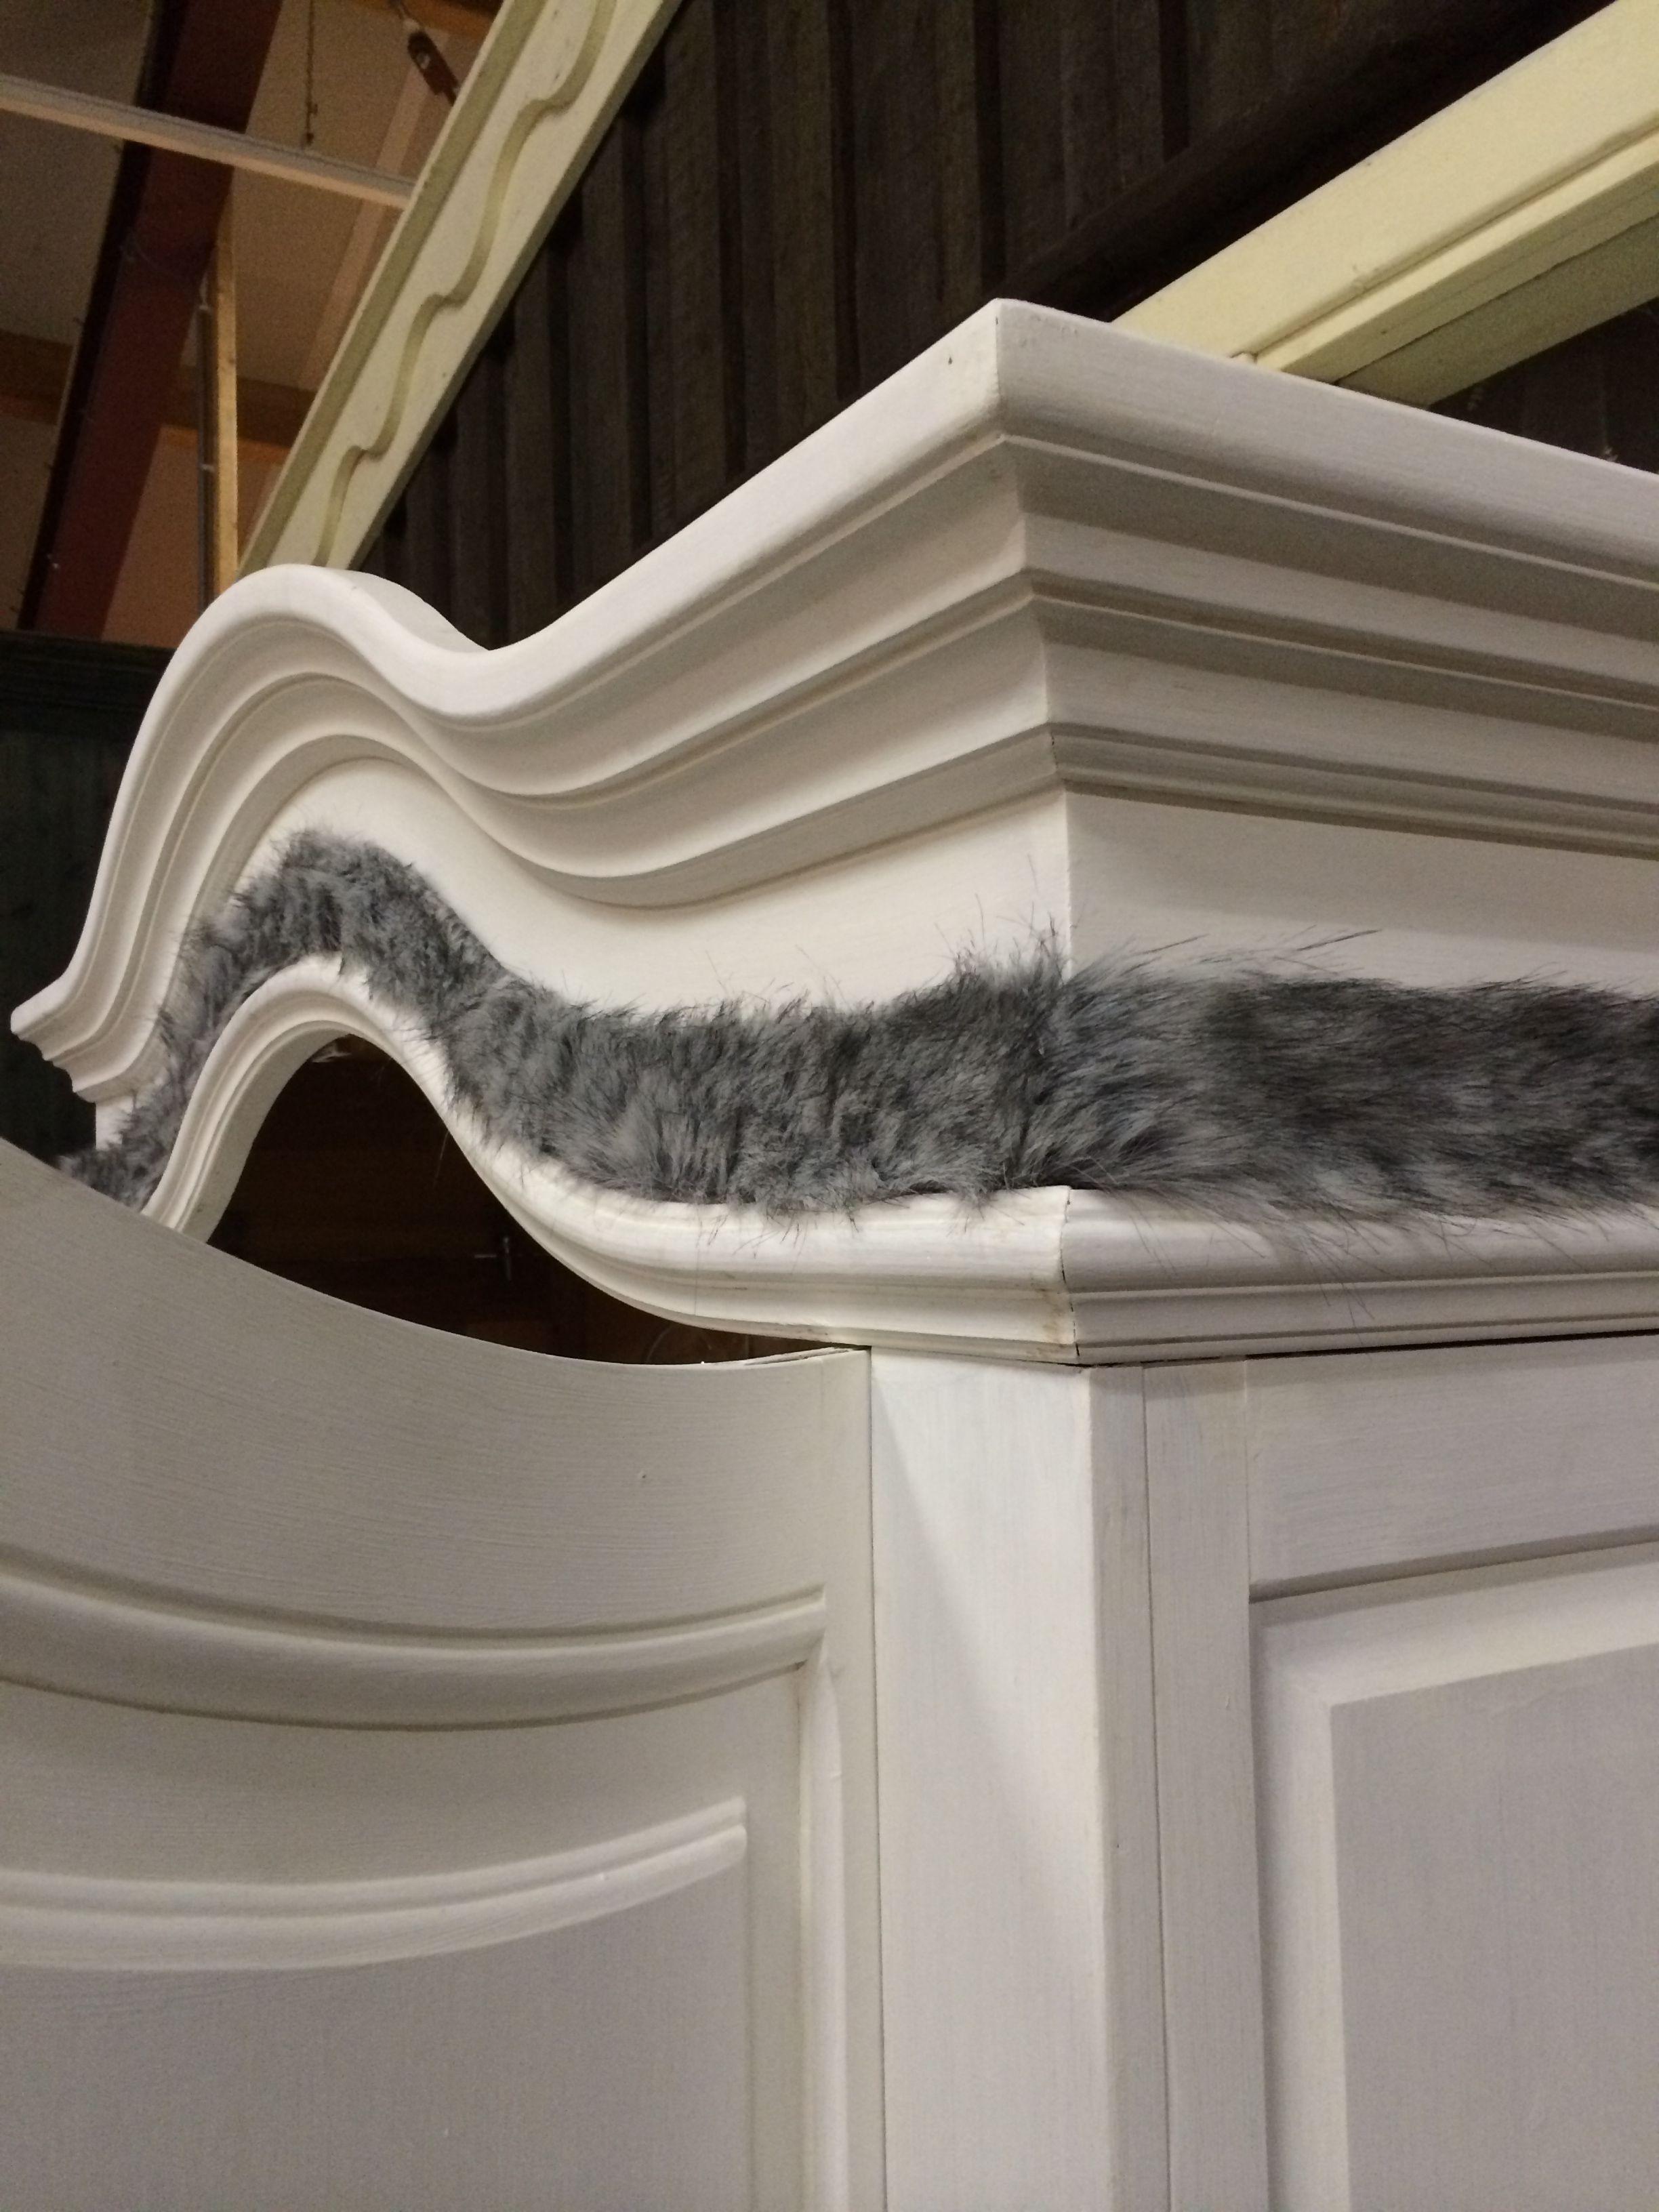 Unieke krijtverf meubelen. 2 deurs linnenkast. Krijtwit met grijs bont langs de boog.